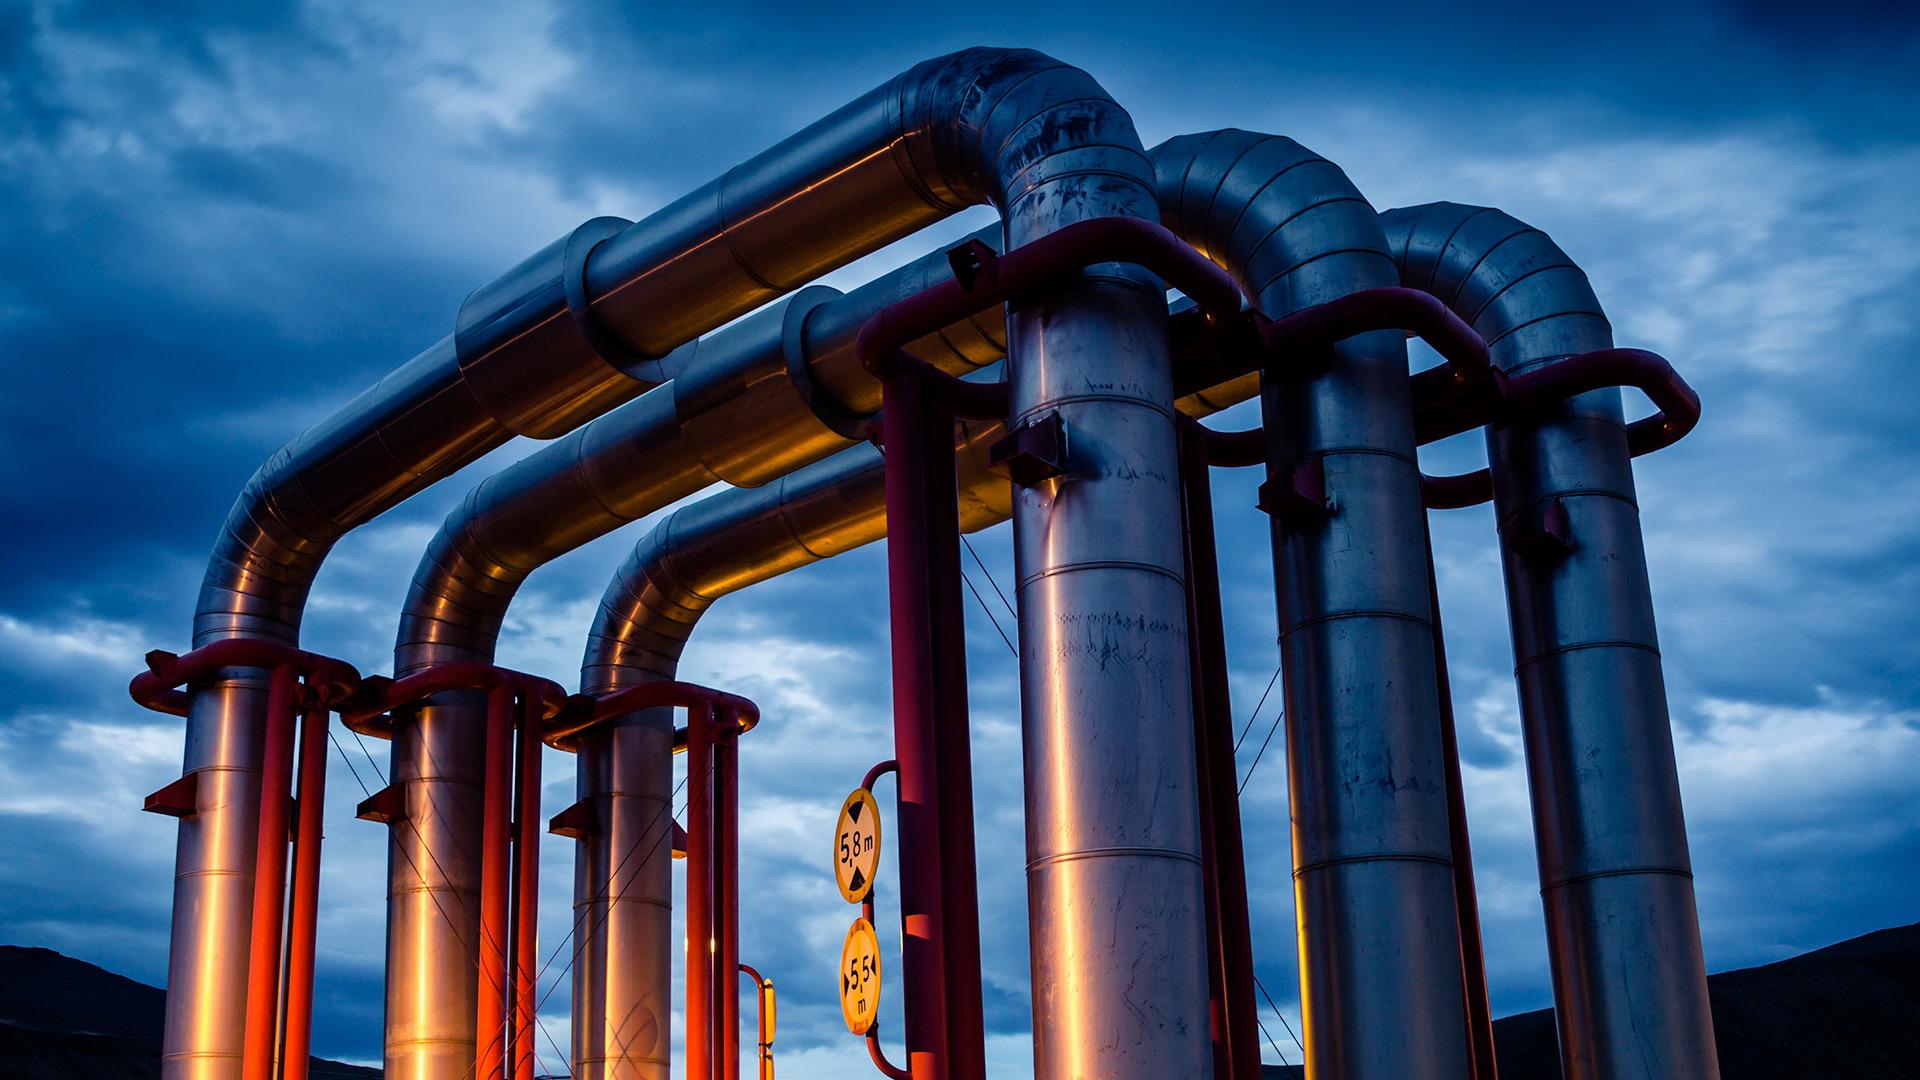 Système d'oléoducs géothermiques la nuit